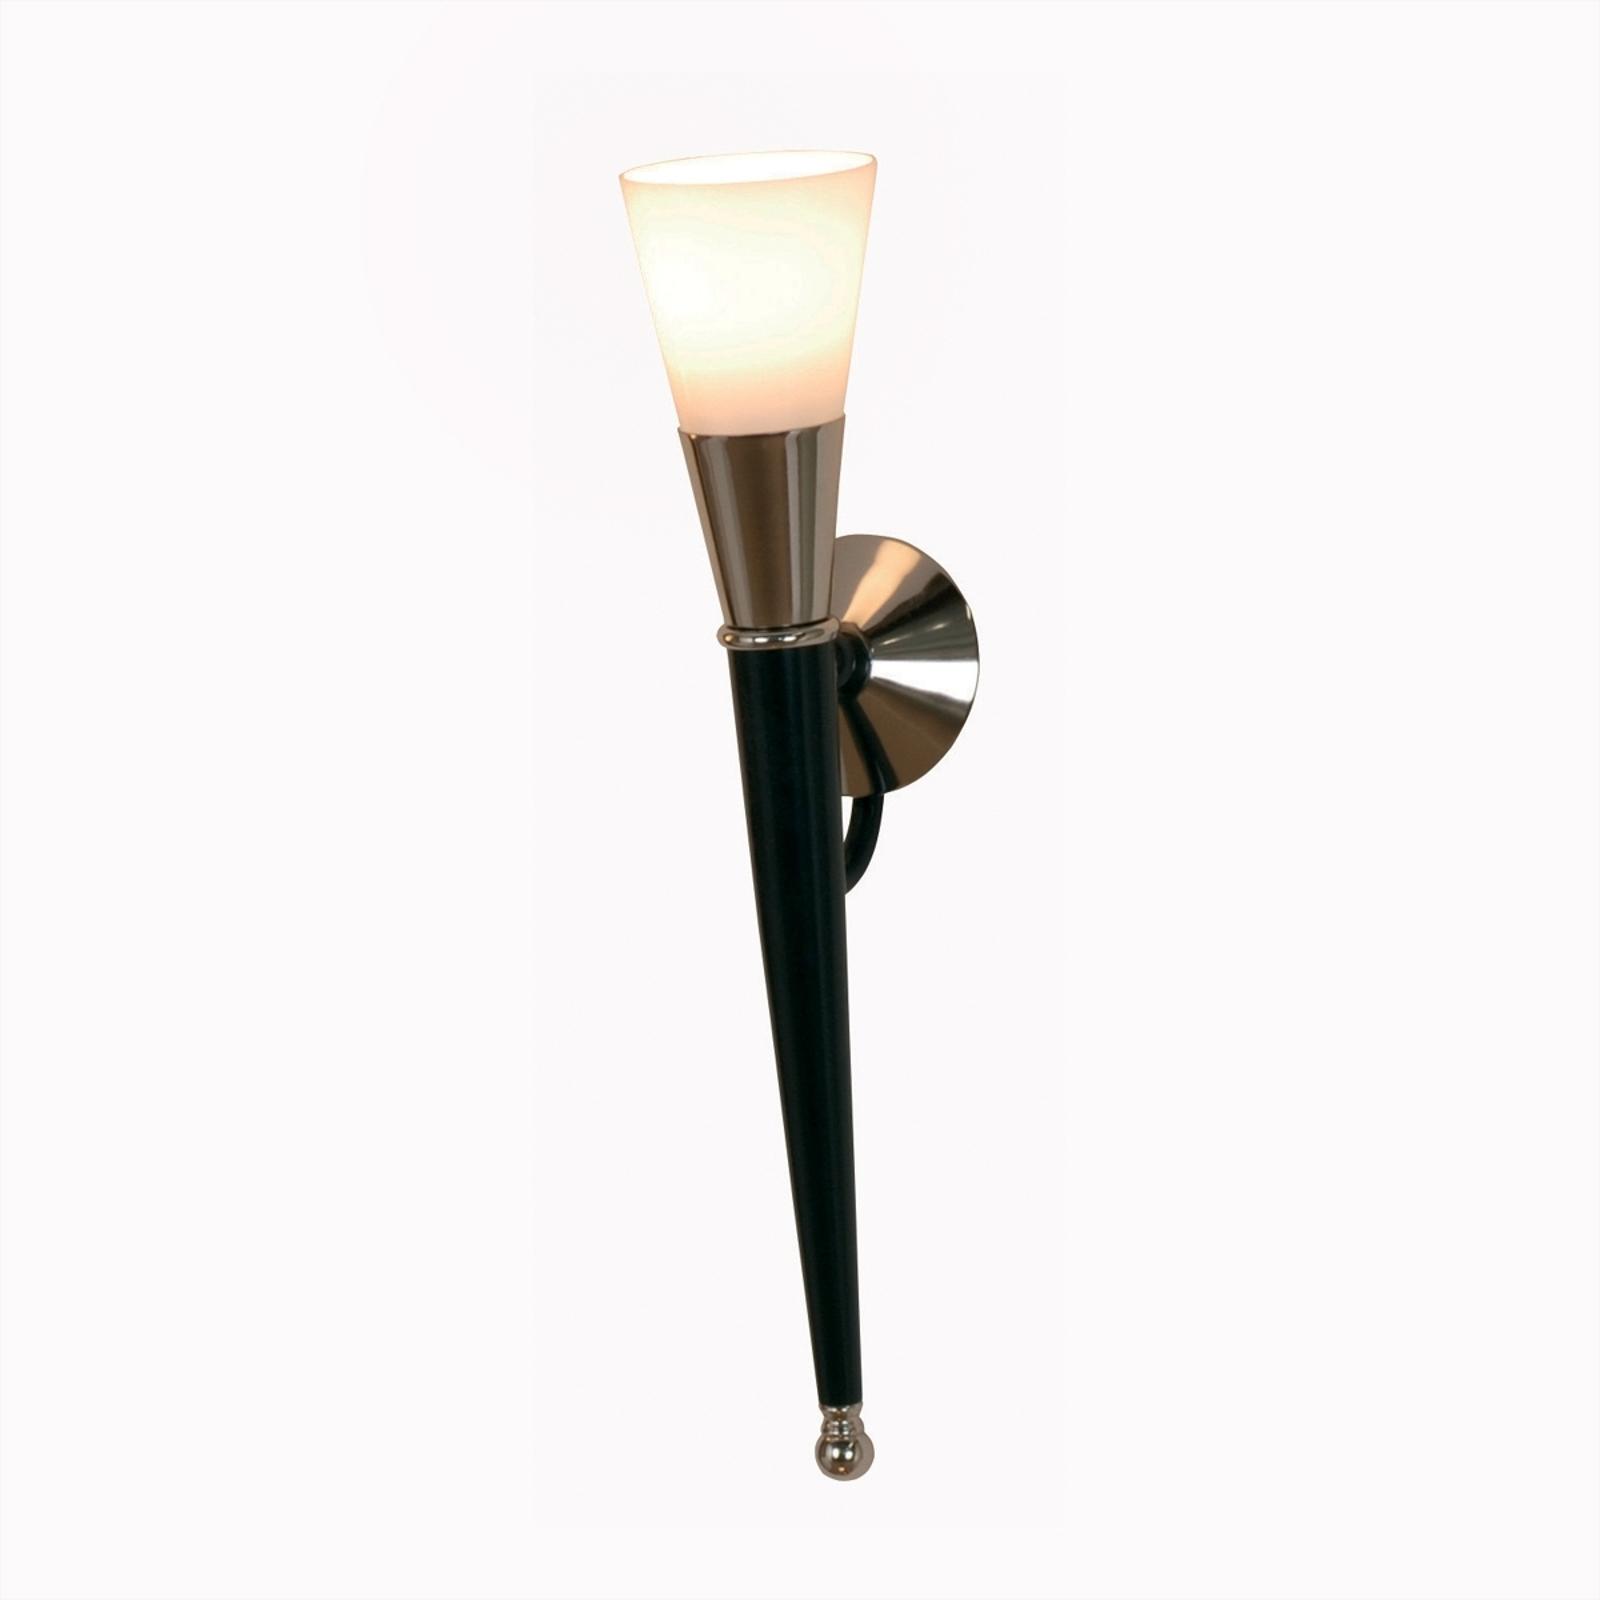 Elegant ANTOSA wall torch, 41cm high_6528011_1